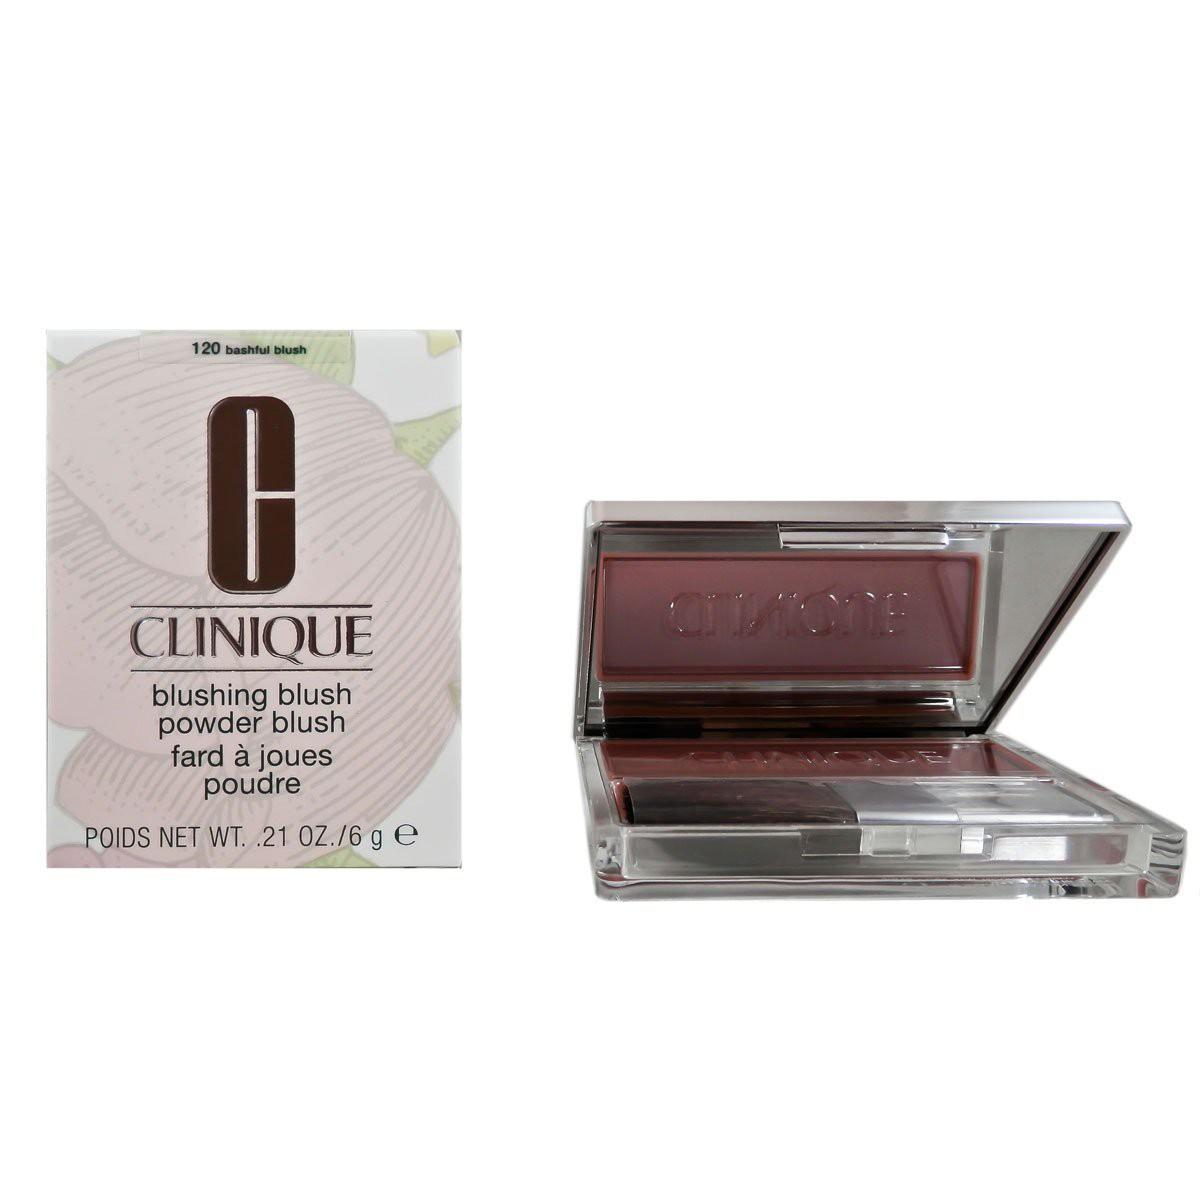 Clinique powder blush 120 bashful blush